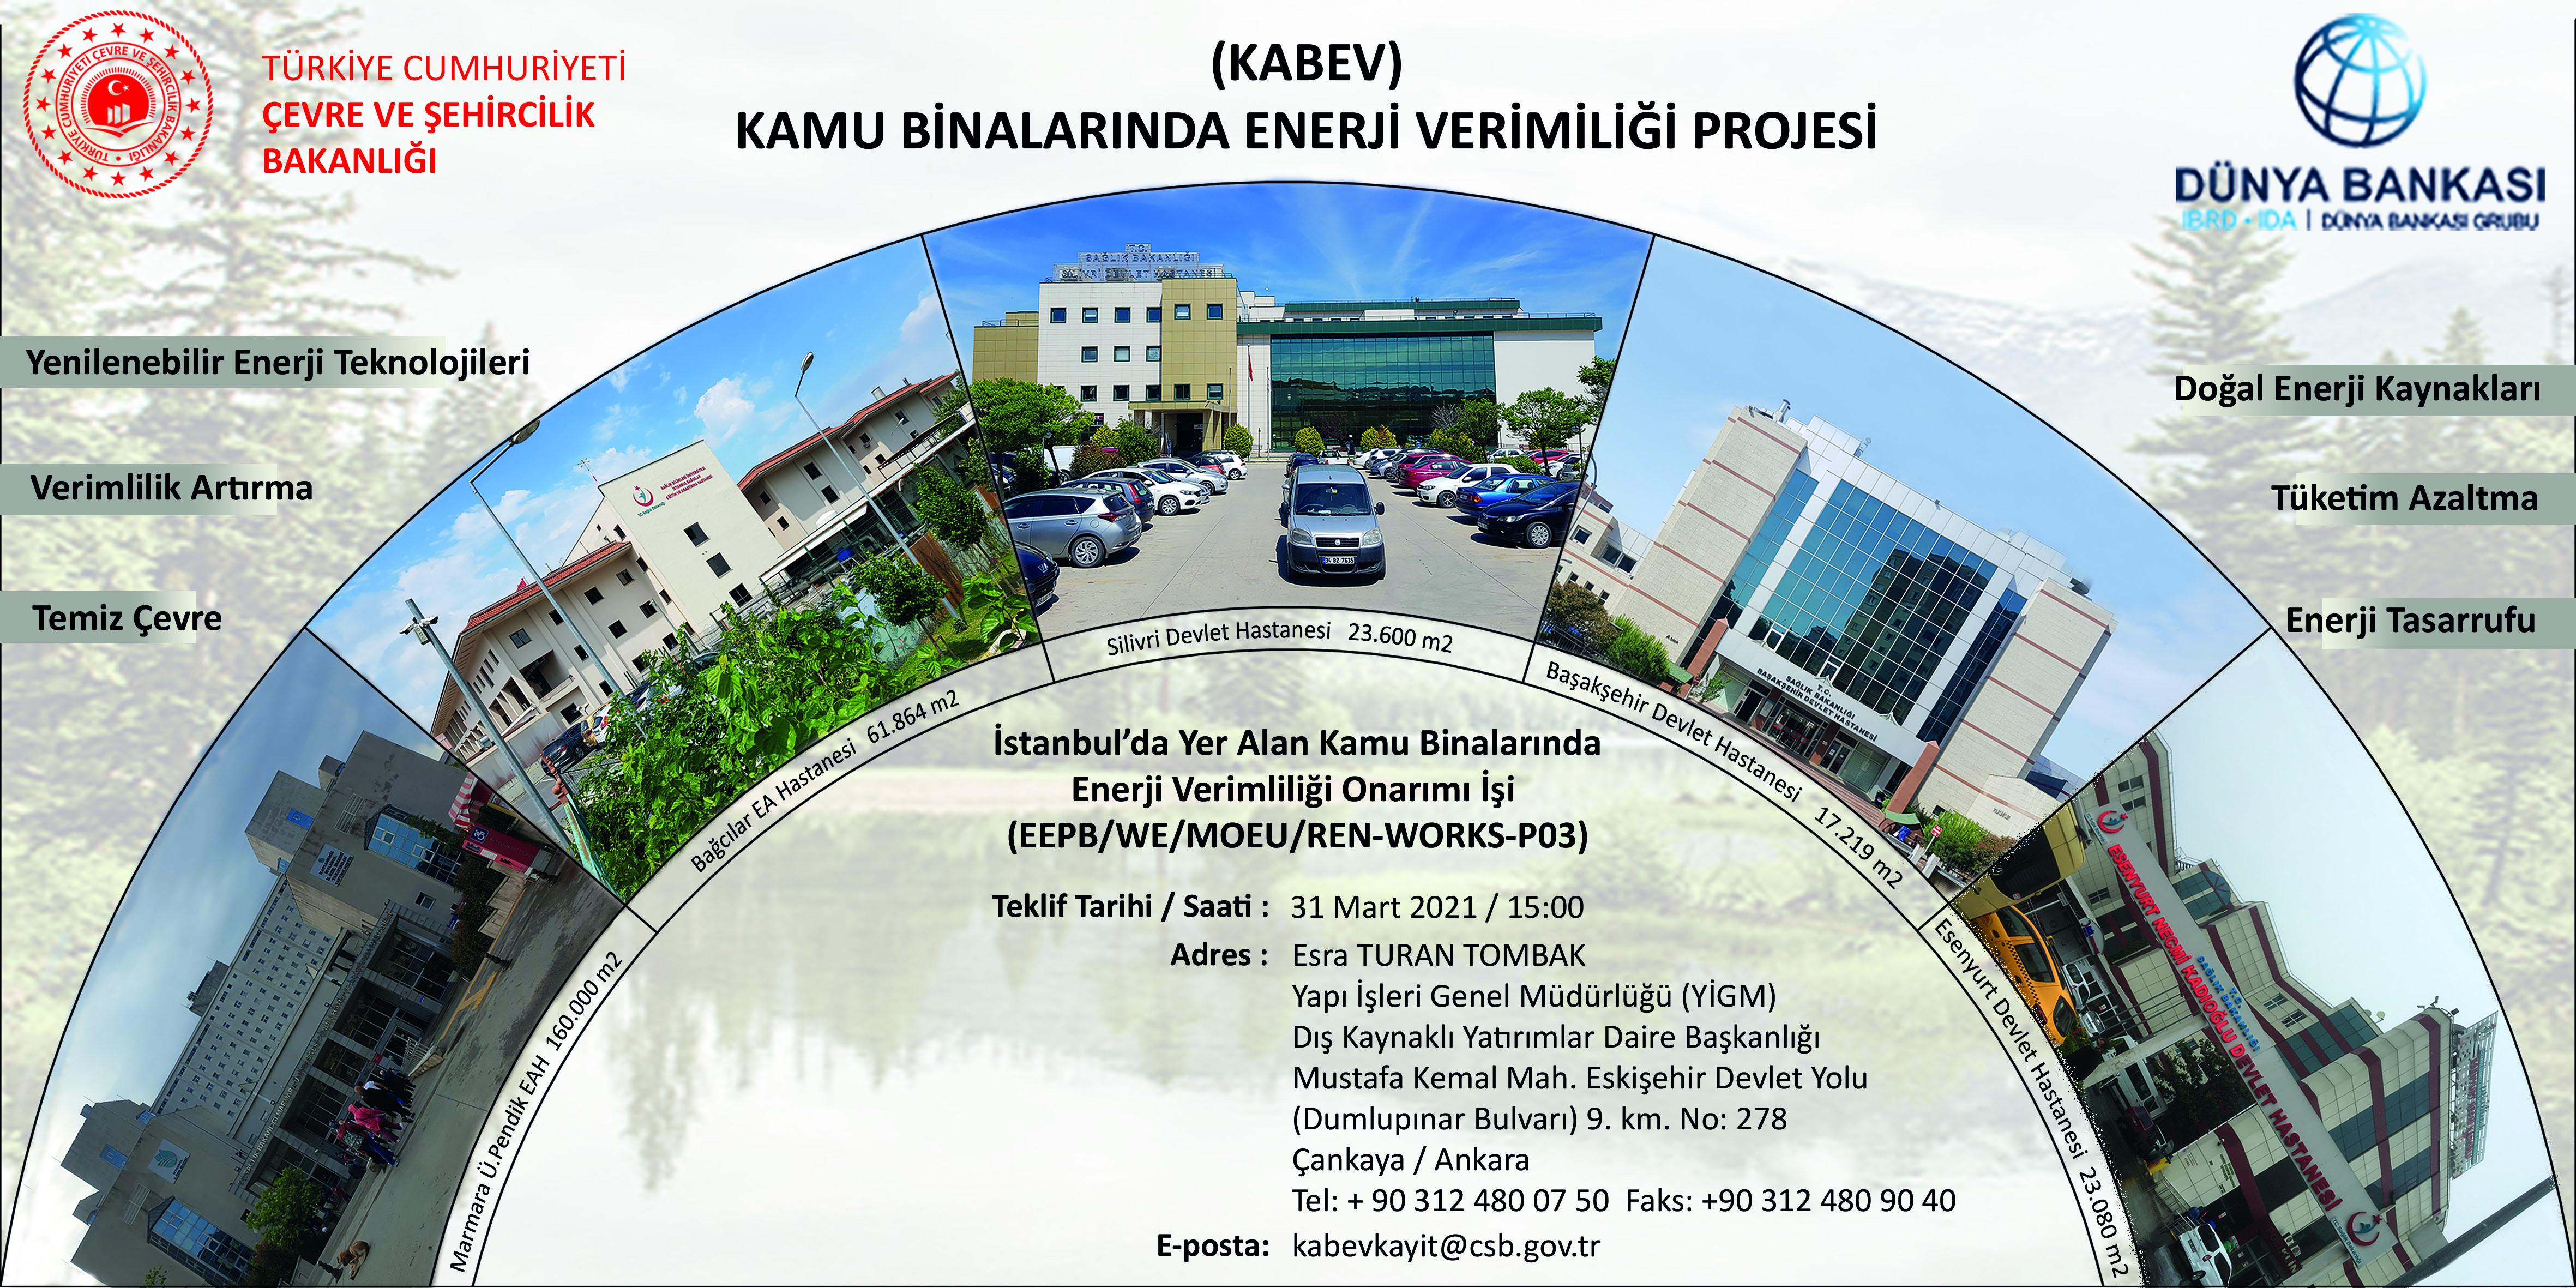 İstanbul'da Yer Alan Kamu Binalarında Enerji Verimliliği Onarımı İşi'ne  (EEPB/WB/MOEU/REN-WORKS-P03) ait ihalenin duyurusu